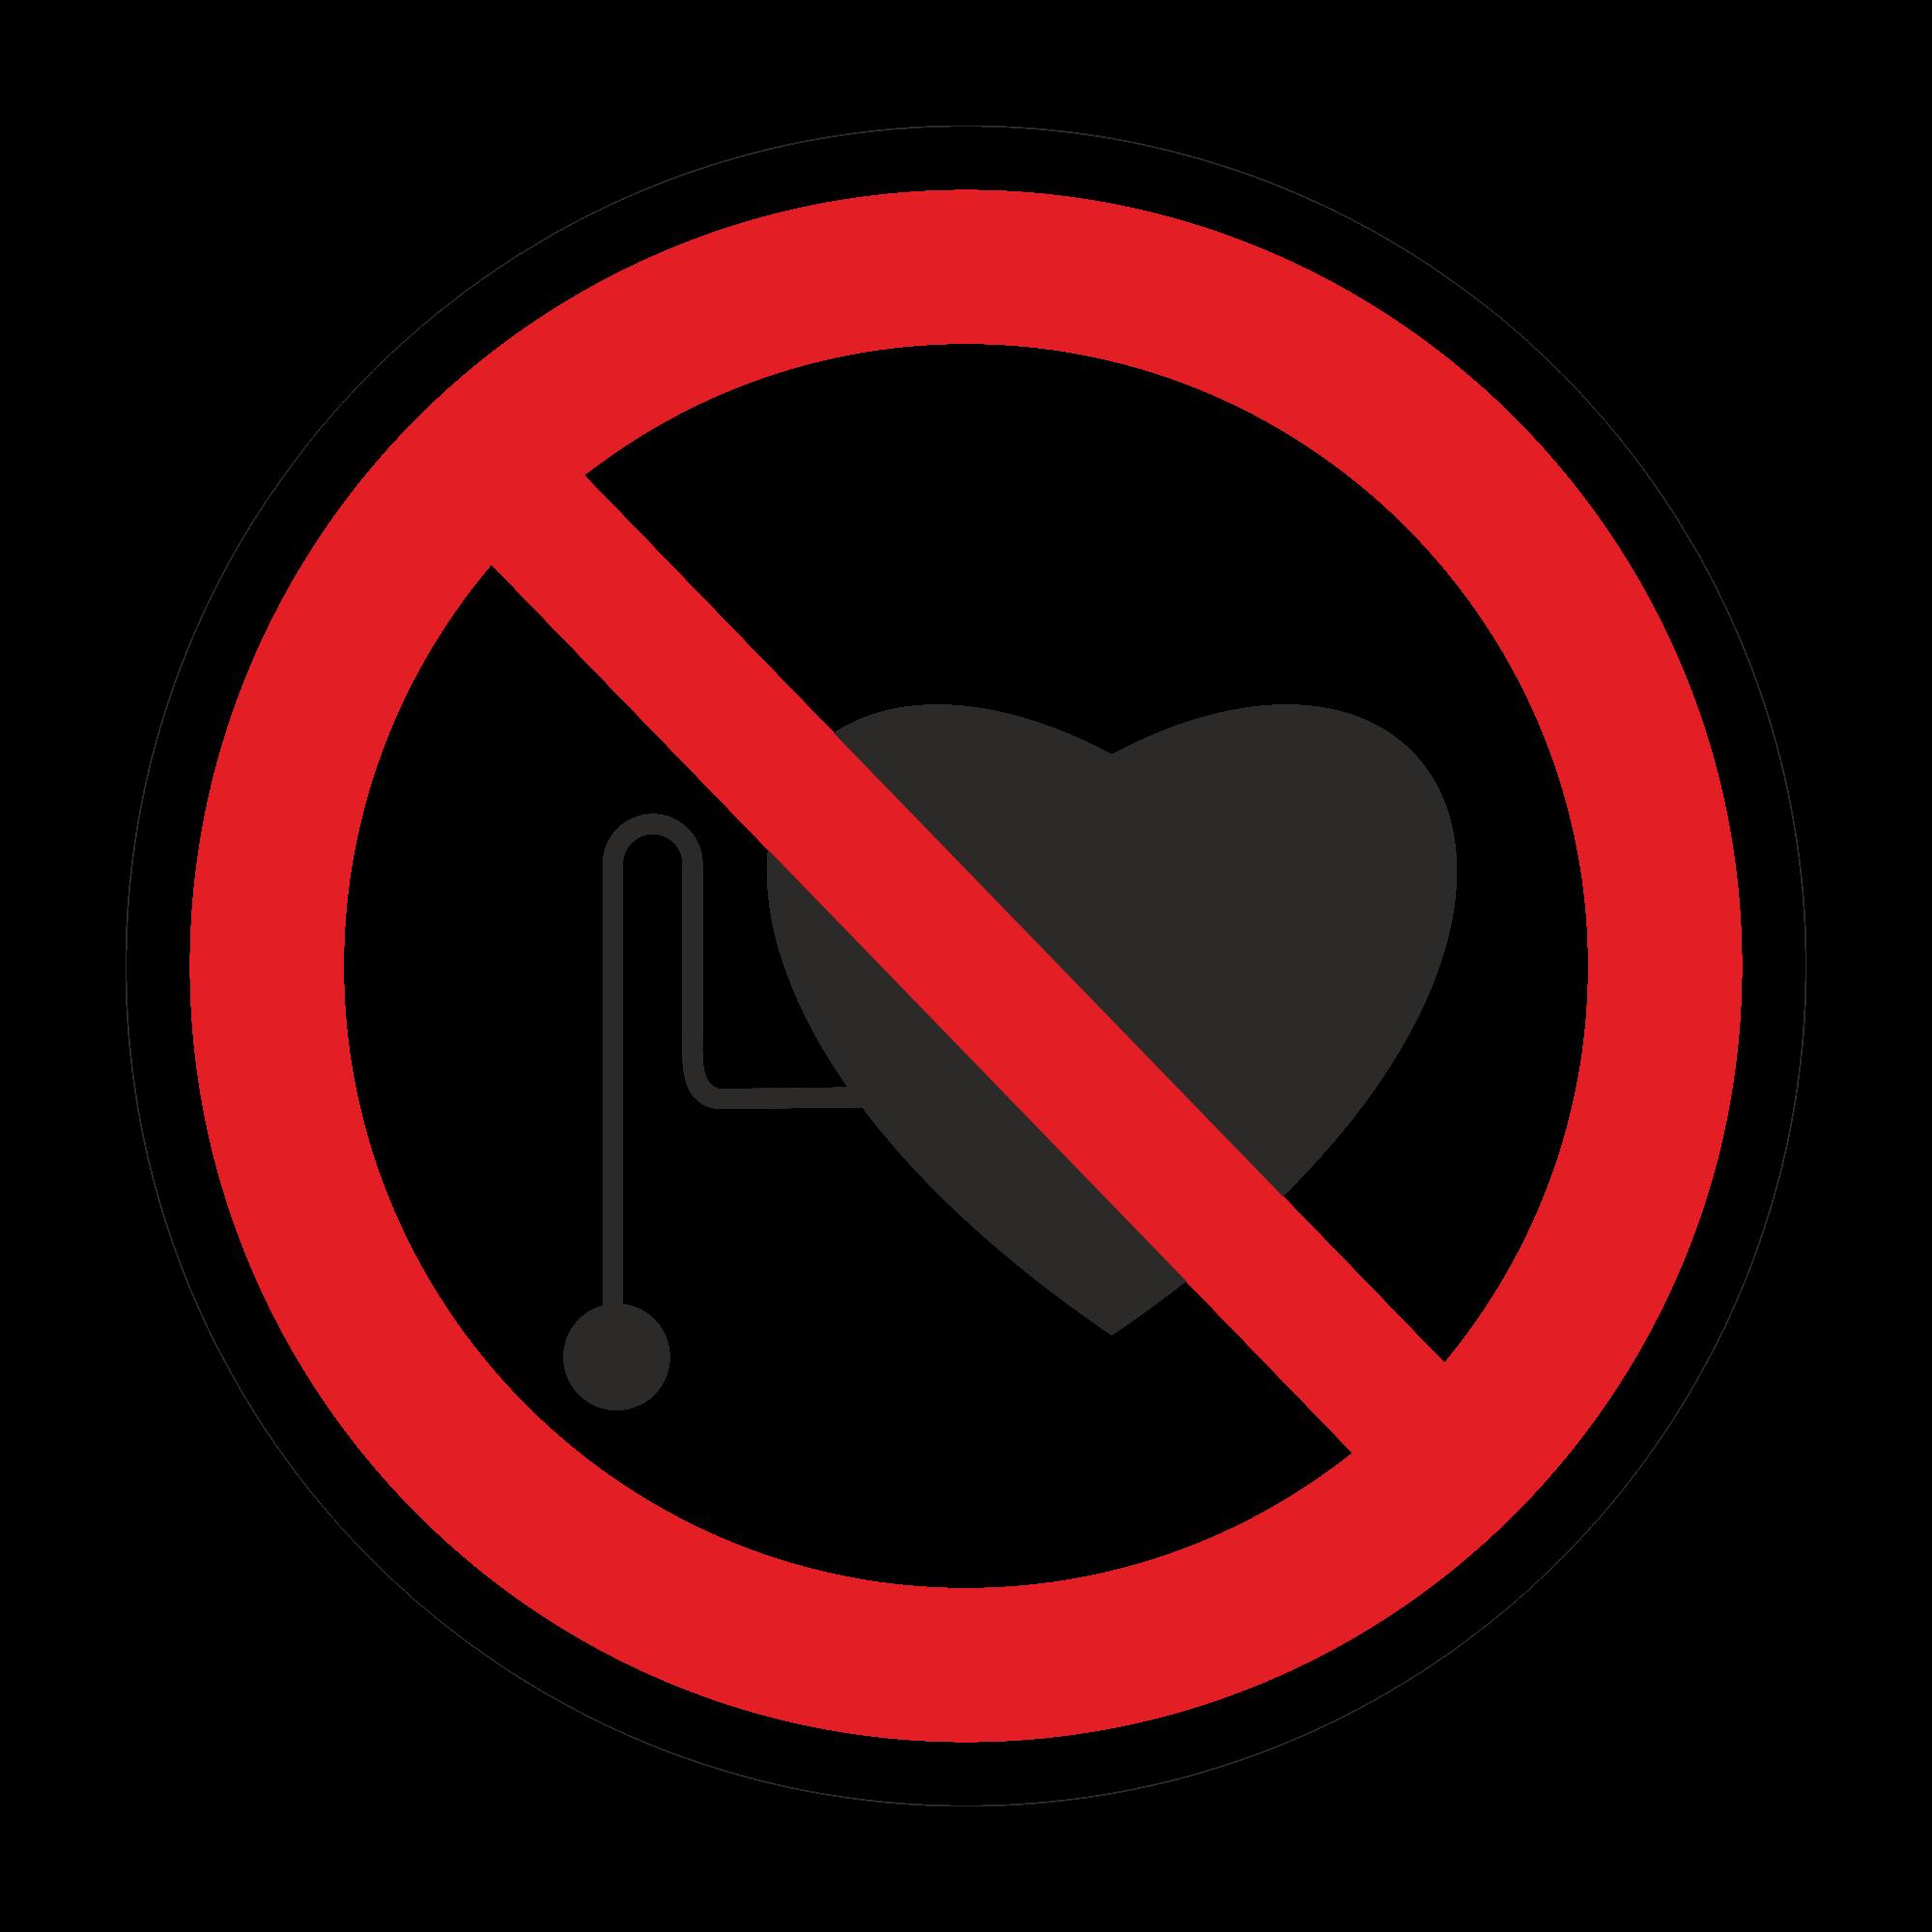 Р11 Запрещается работа людей со стимуляторами сердечной деятельности